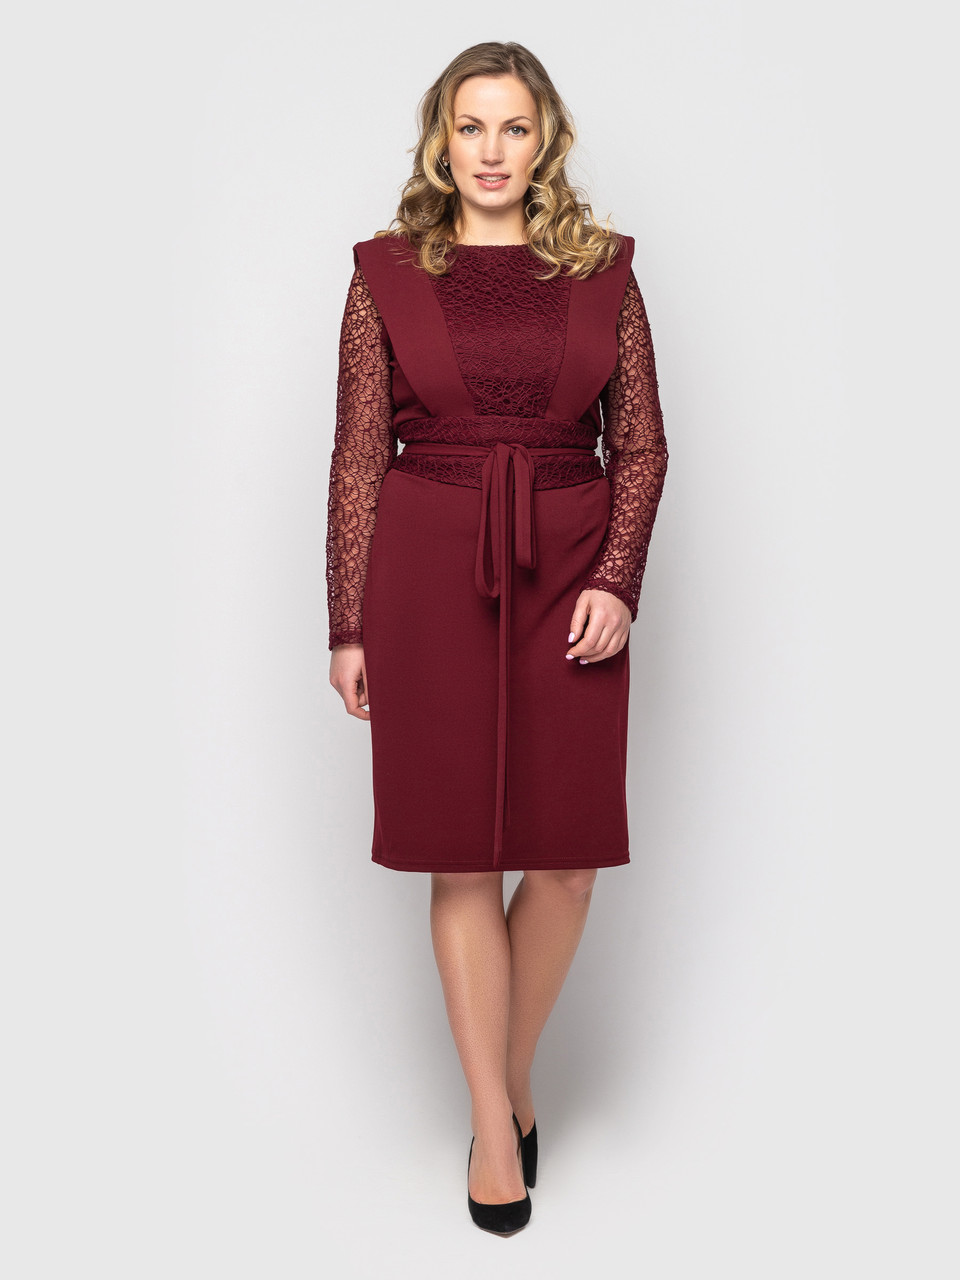 Женское платье Беатрис бордо